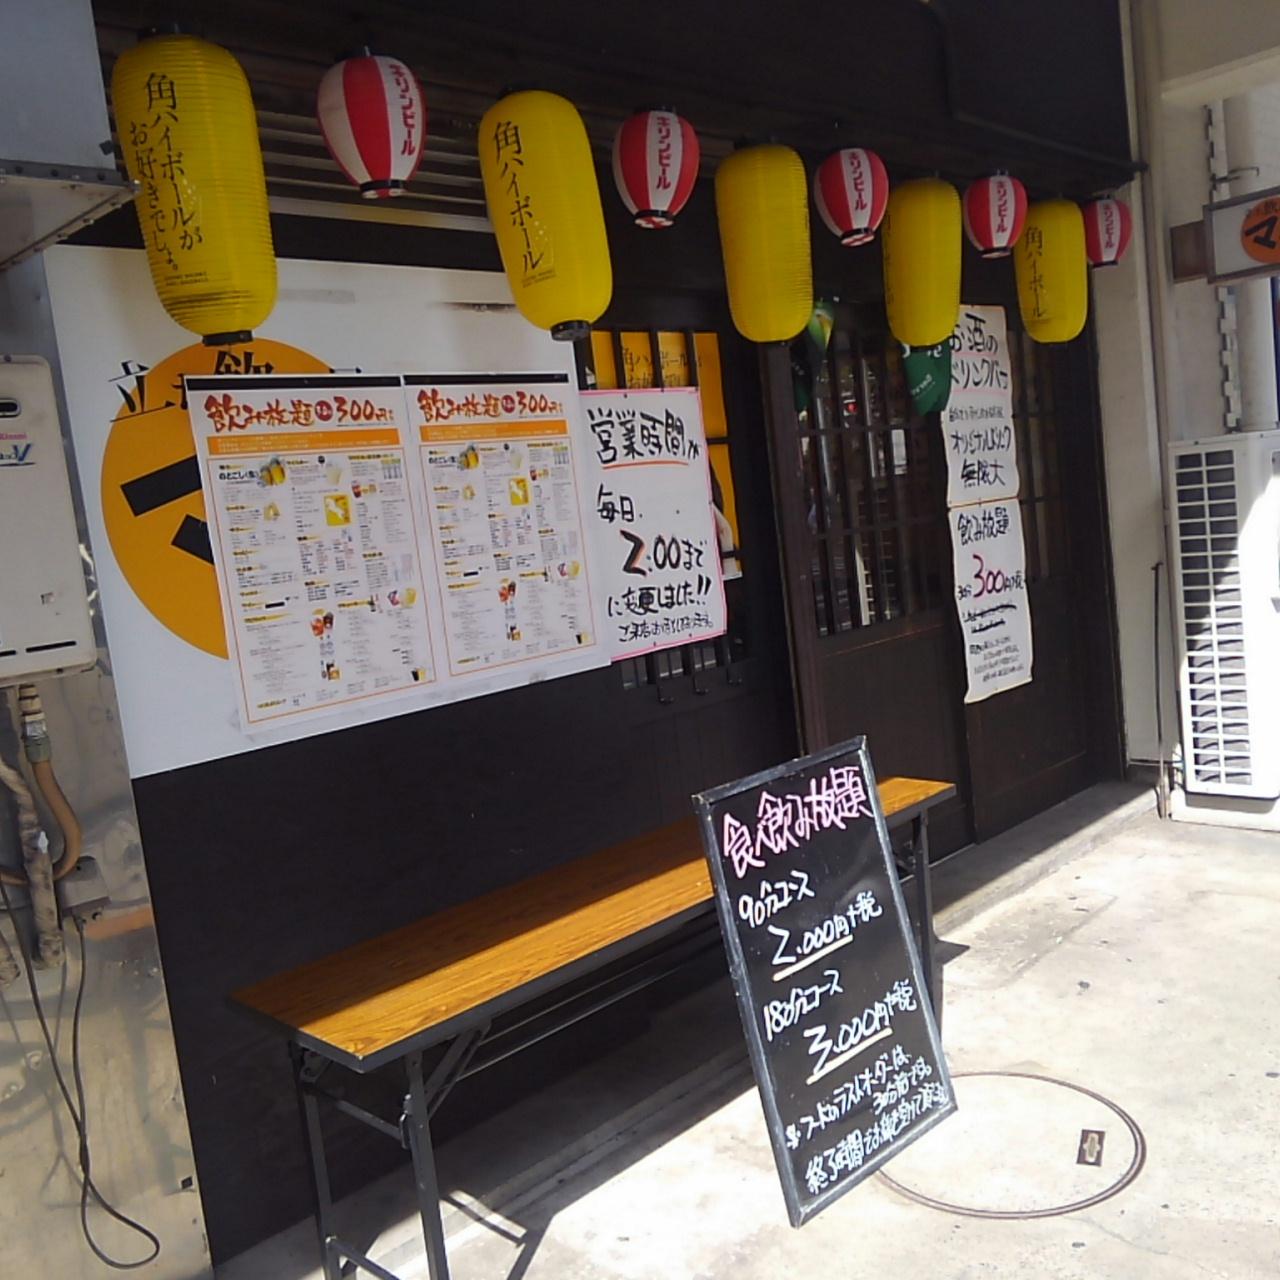 マジか?!(市川) 呑兵衛必見!300円で飲みまくれ!100円串に舌鼓